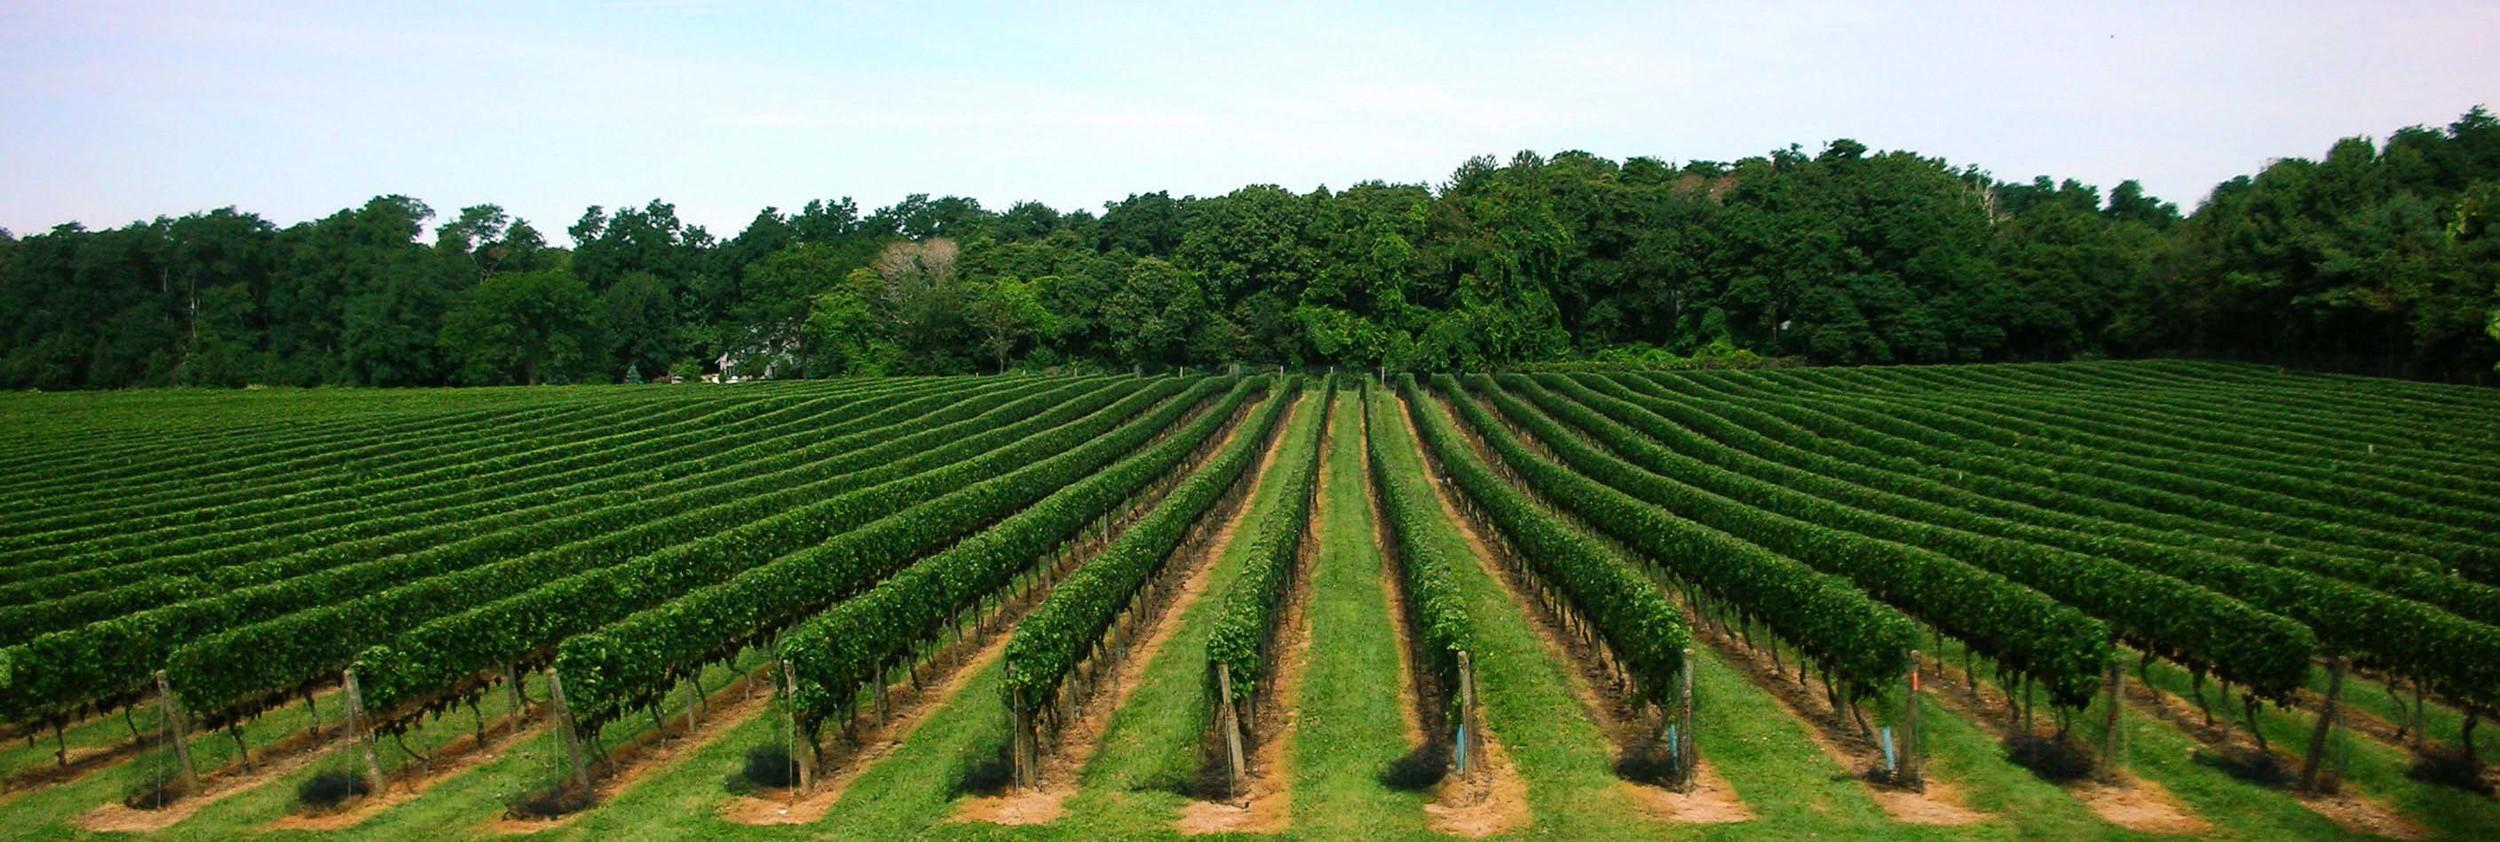 vineyardcropped1.jpg